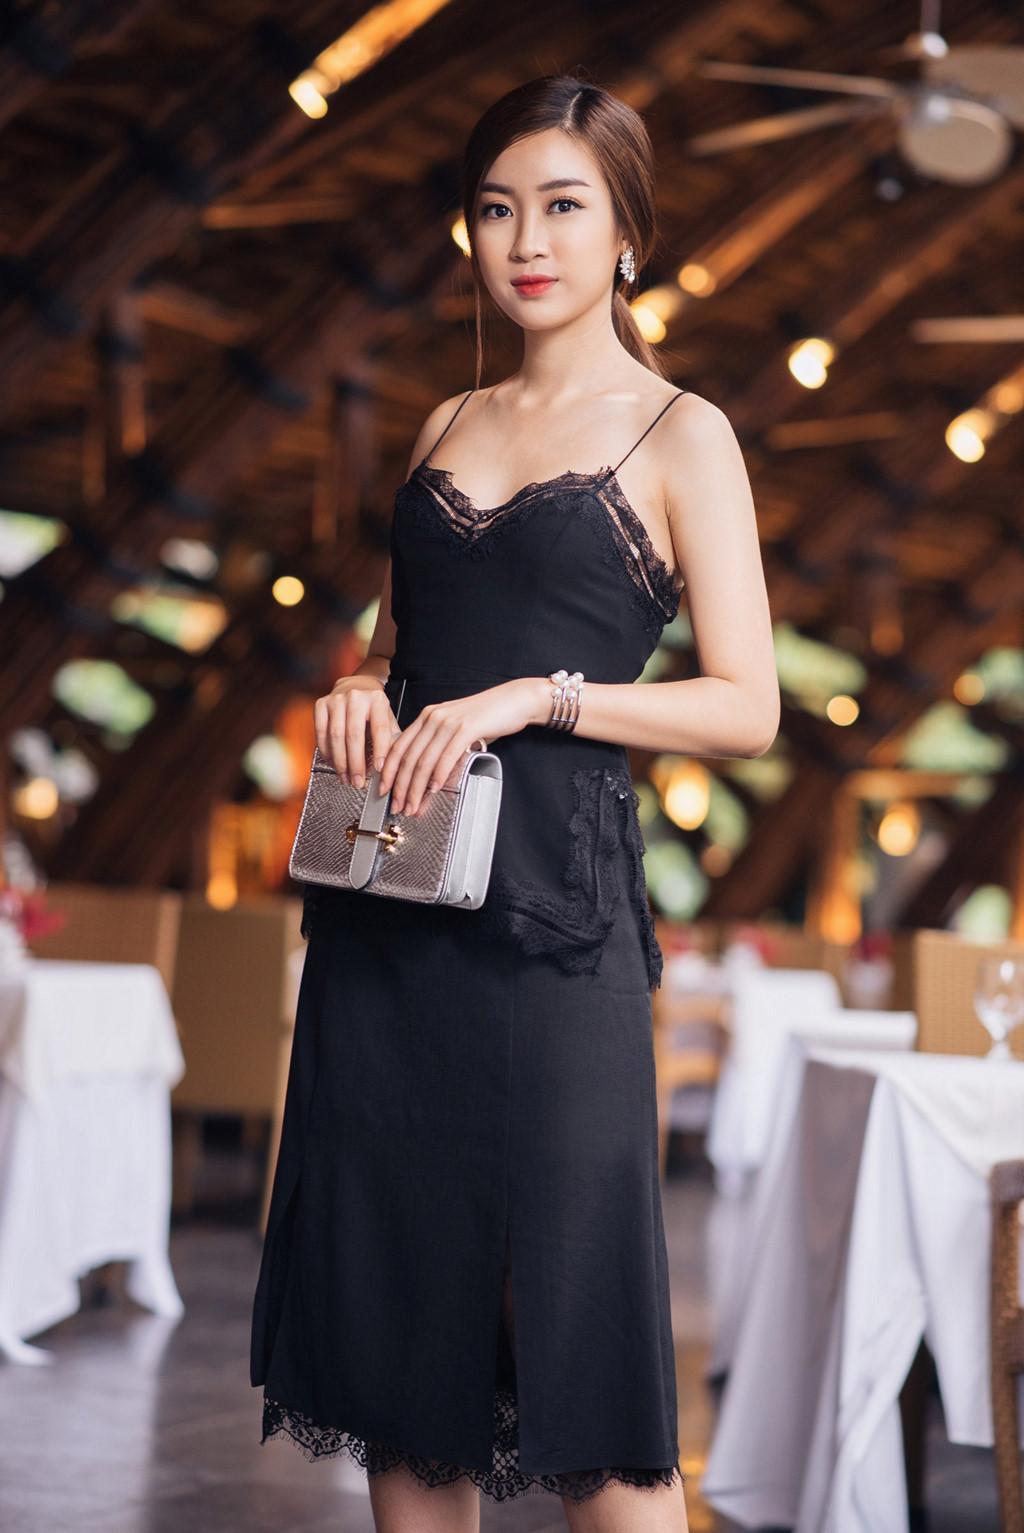 Hoa hậu Đỗ Mỹ Linh chuộng phong cách công chúa-6